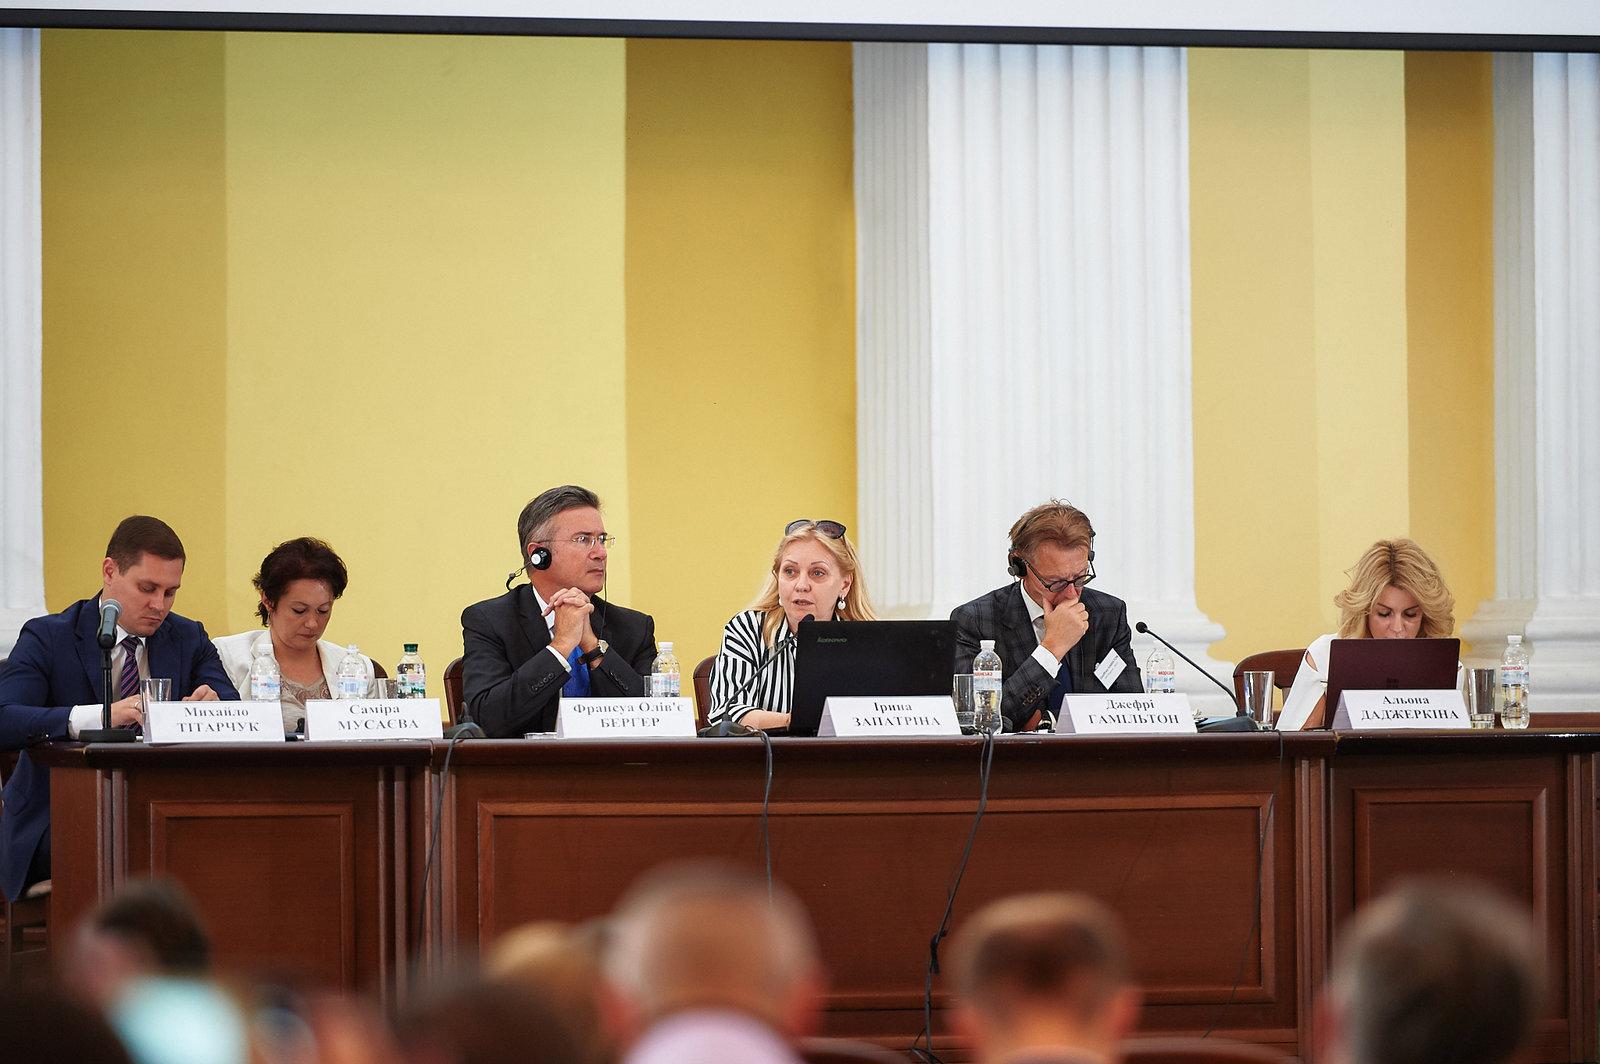 5-6 червня 2018 р. у Колонній залі КМДА відбулася Міжнародна конференція Впровадження державно-приватних партнерств, спрямованих напотреби людей: кращі міжнародні практики та рекомендації для України і країн-сусідів